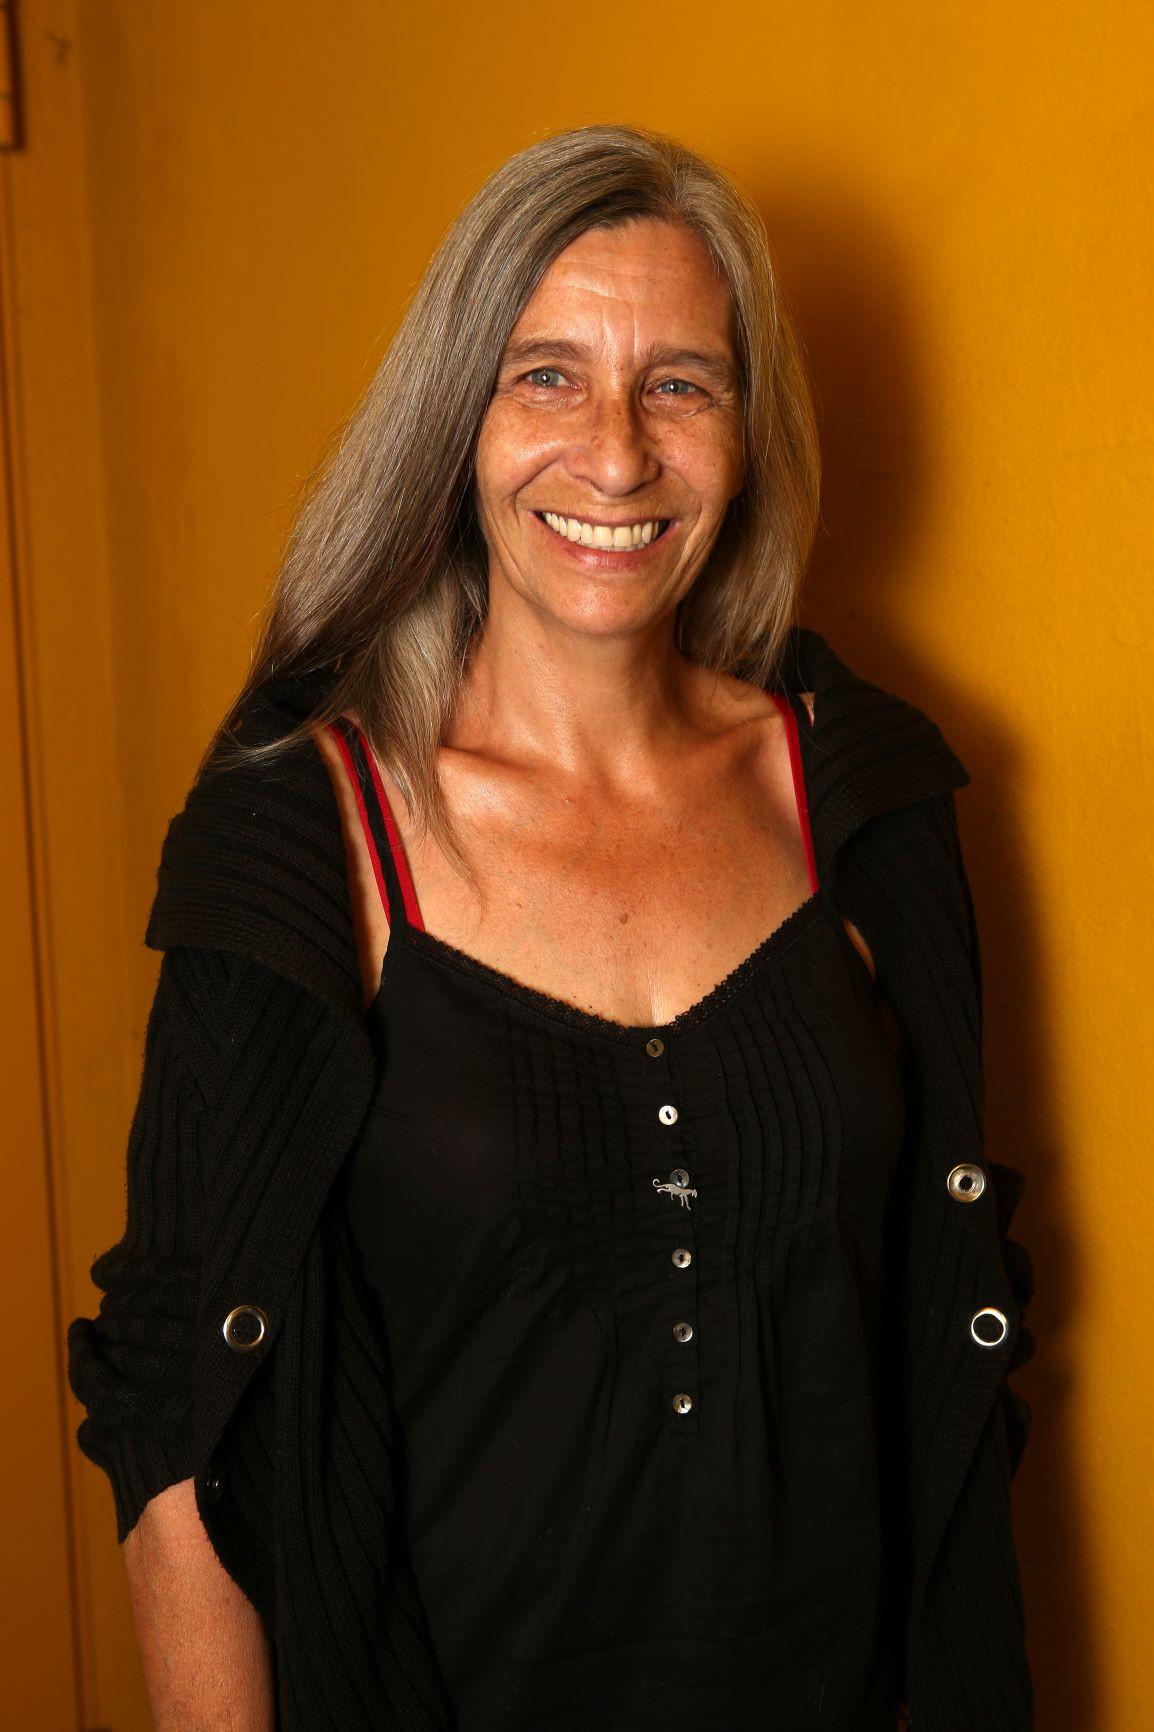 Isabel Munoz Cardoso 12-09-19 PJF-007A.jpg